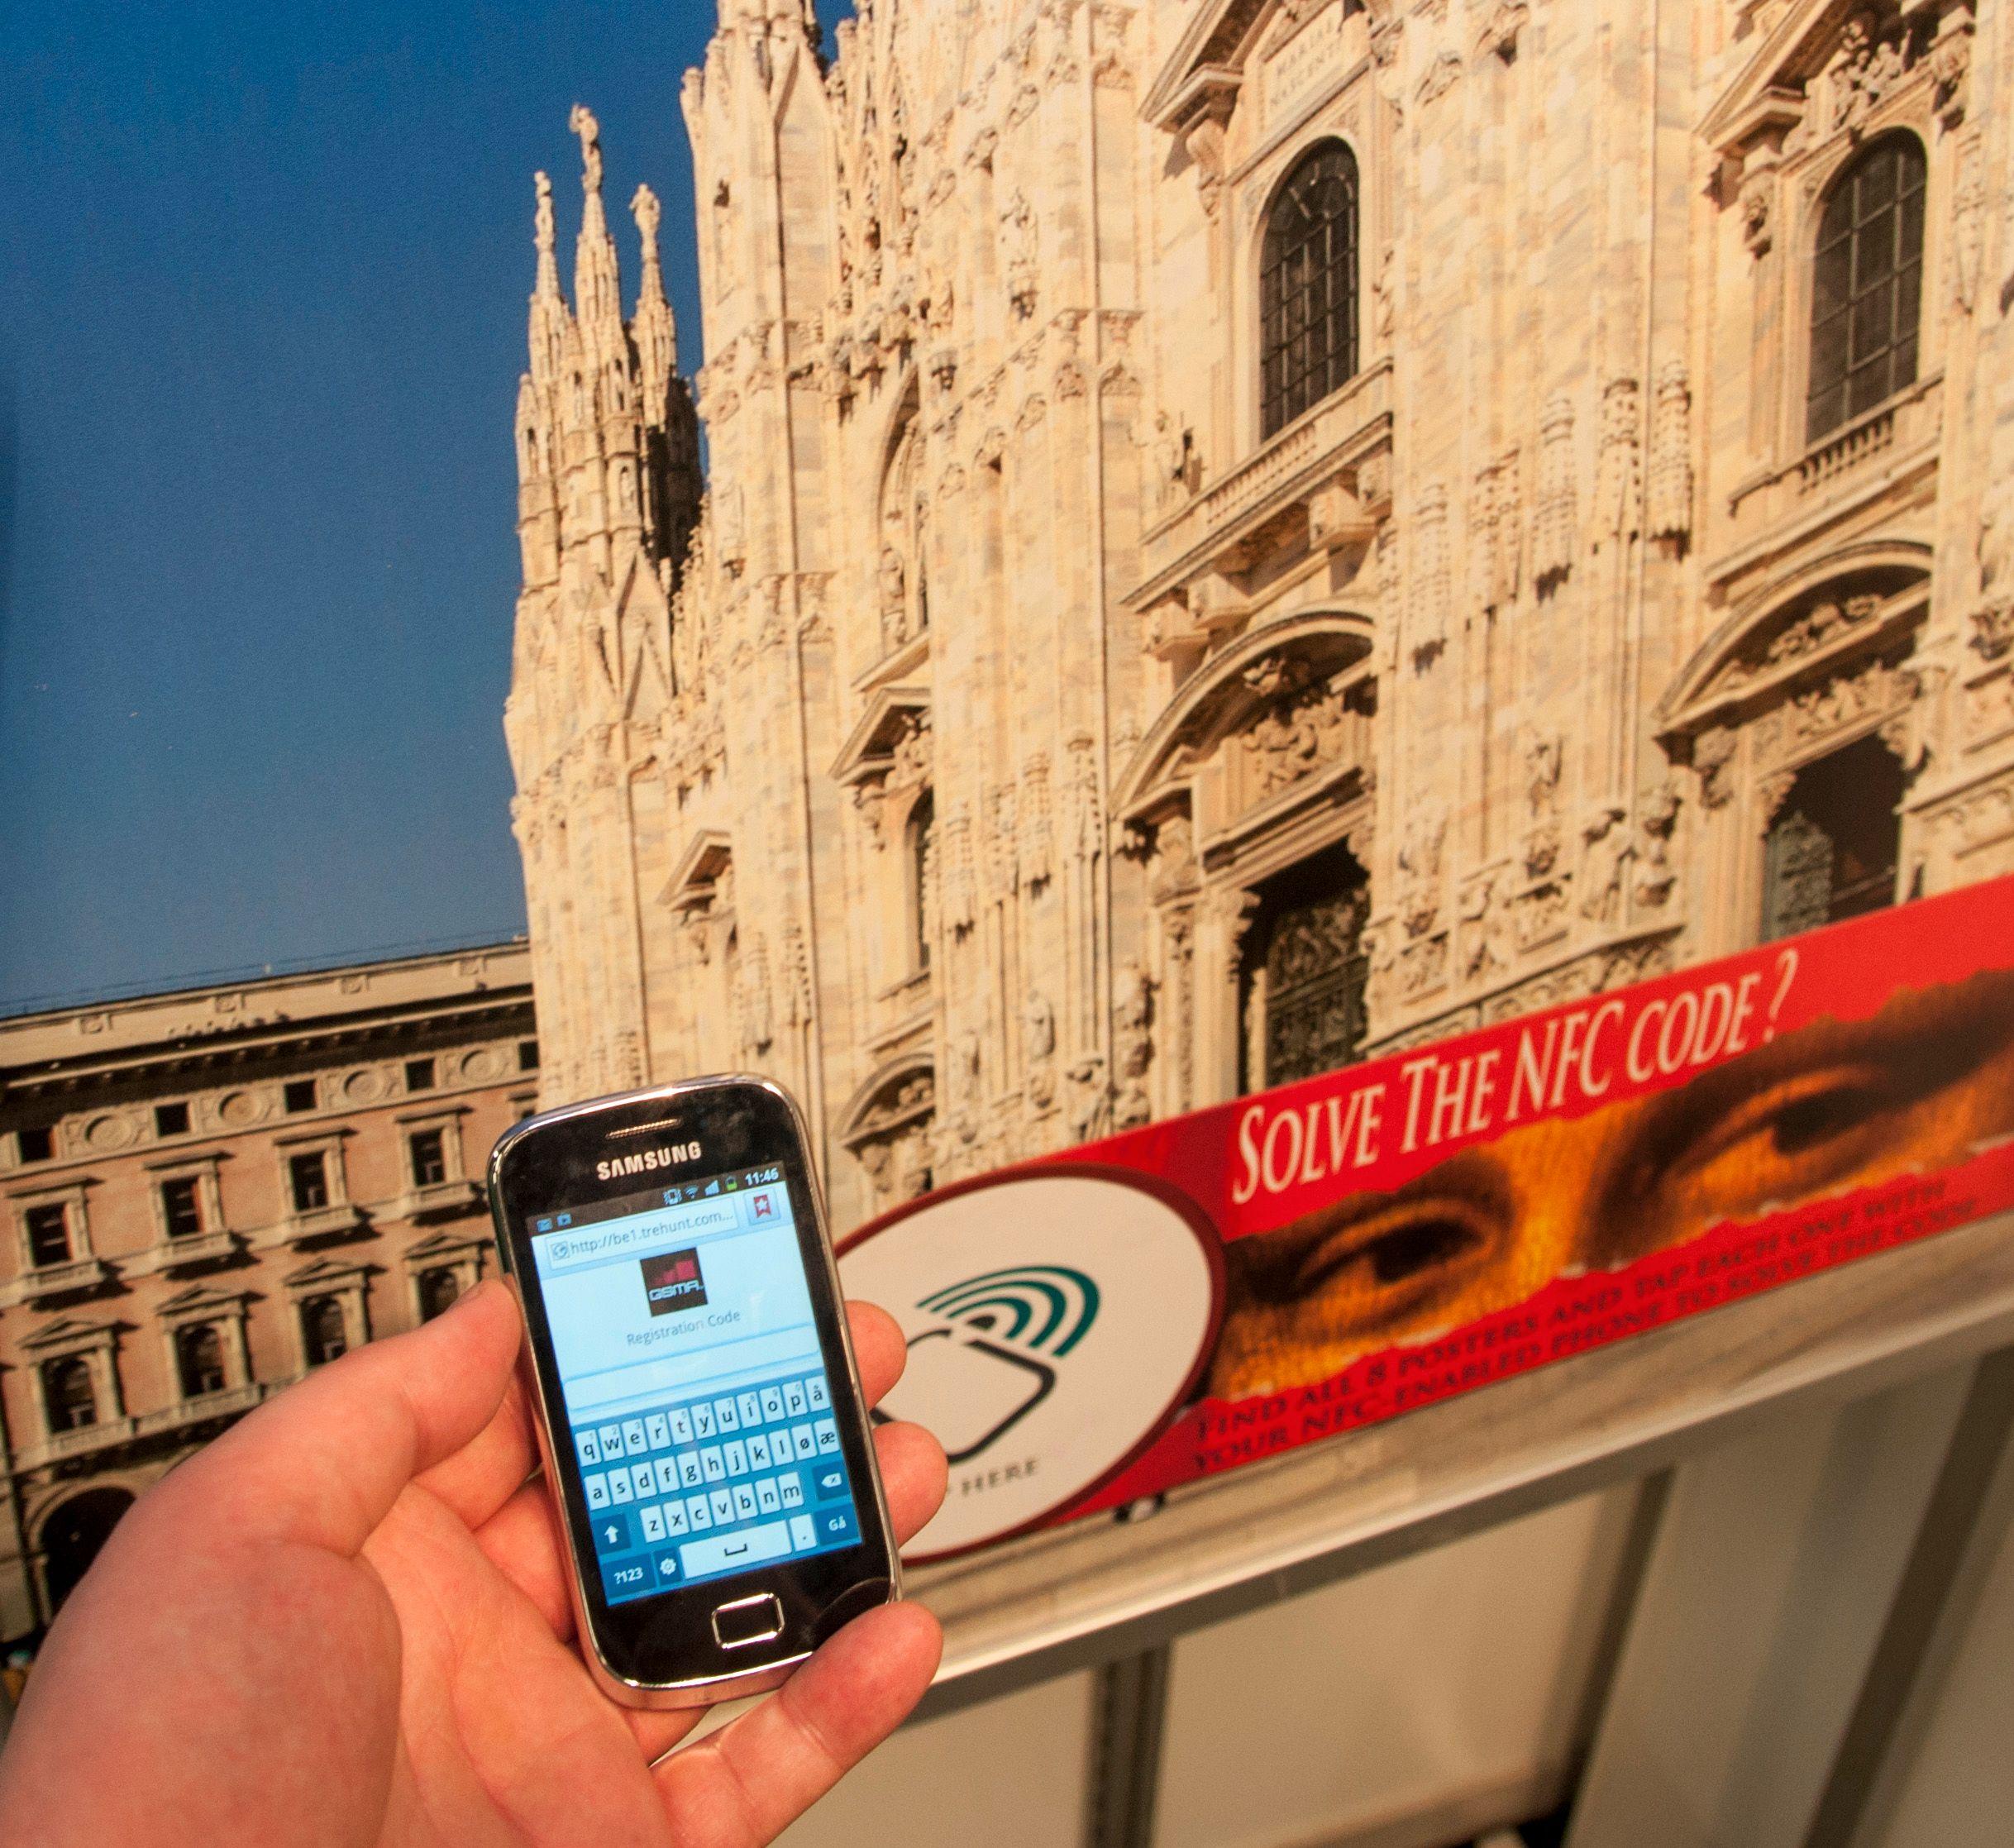 NFC fungerer på svært korte avstander, og det er relativt billig å lage brikker som mobilen kan lese. Dermed kan du støte på teknologien i plakater, slik som her.Foto: Finn Jarle Kvalheim, Amobil.no